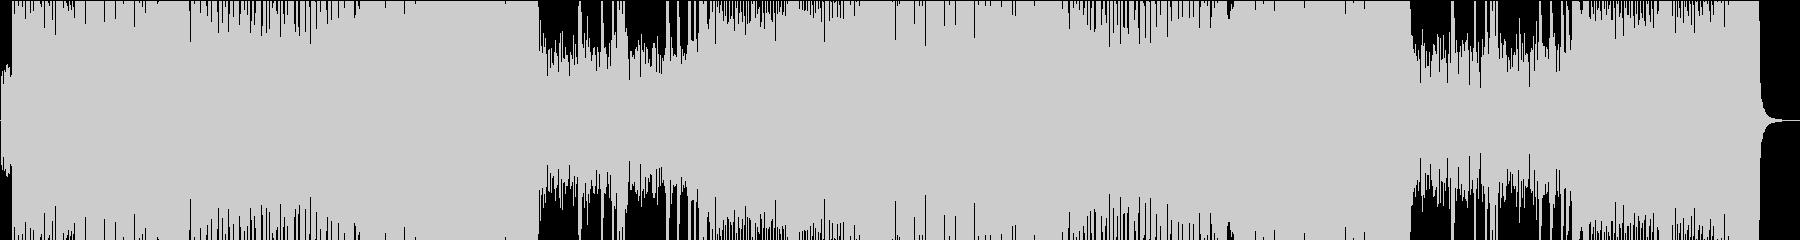 ひと昔前の音ゲーハードコア!!!の未再生の波形